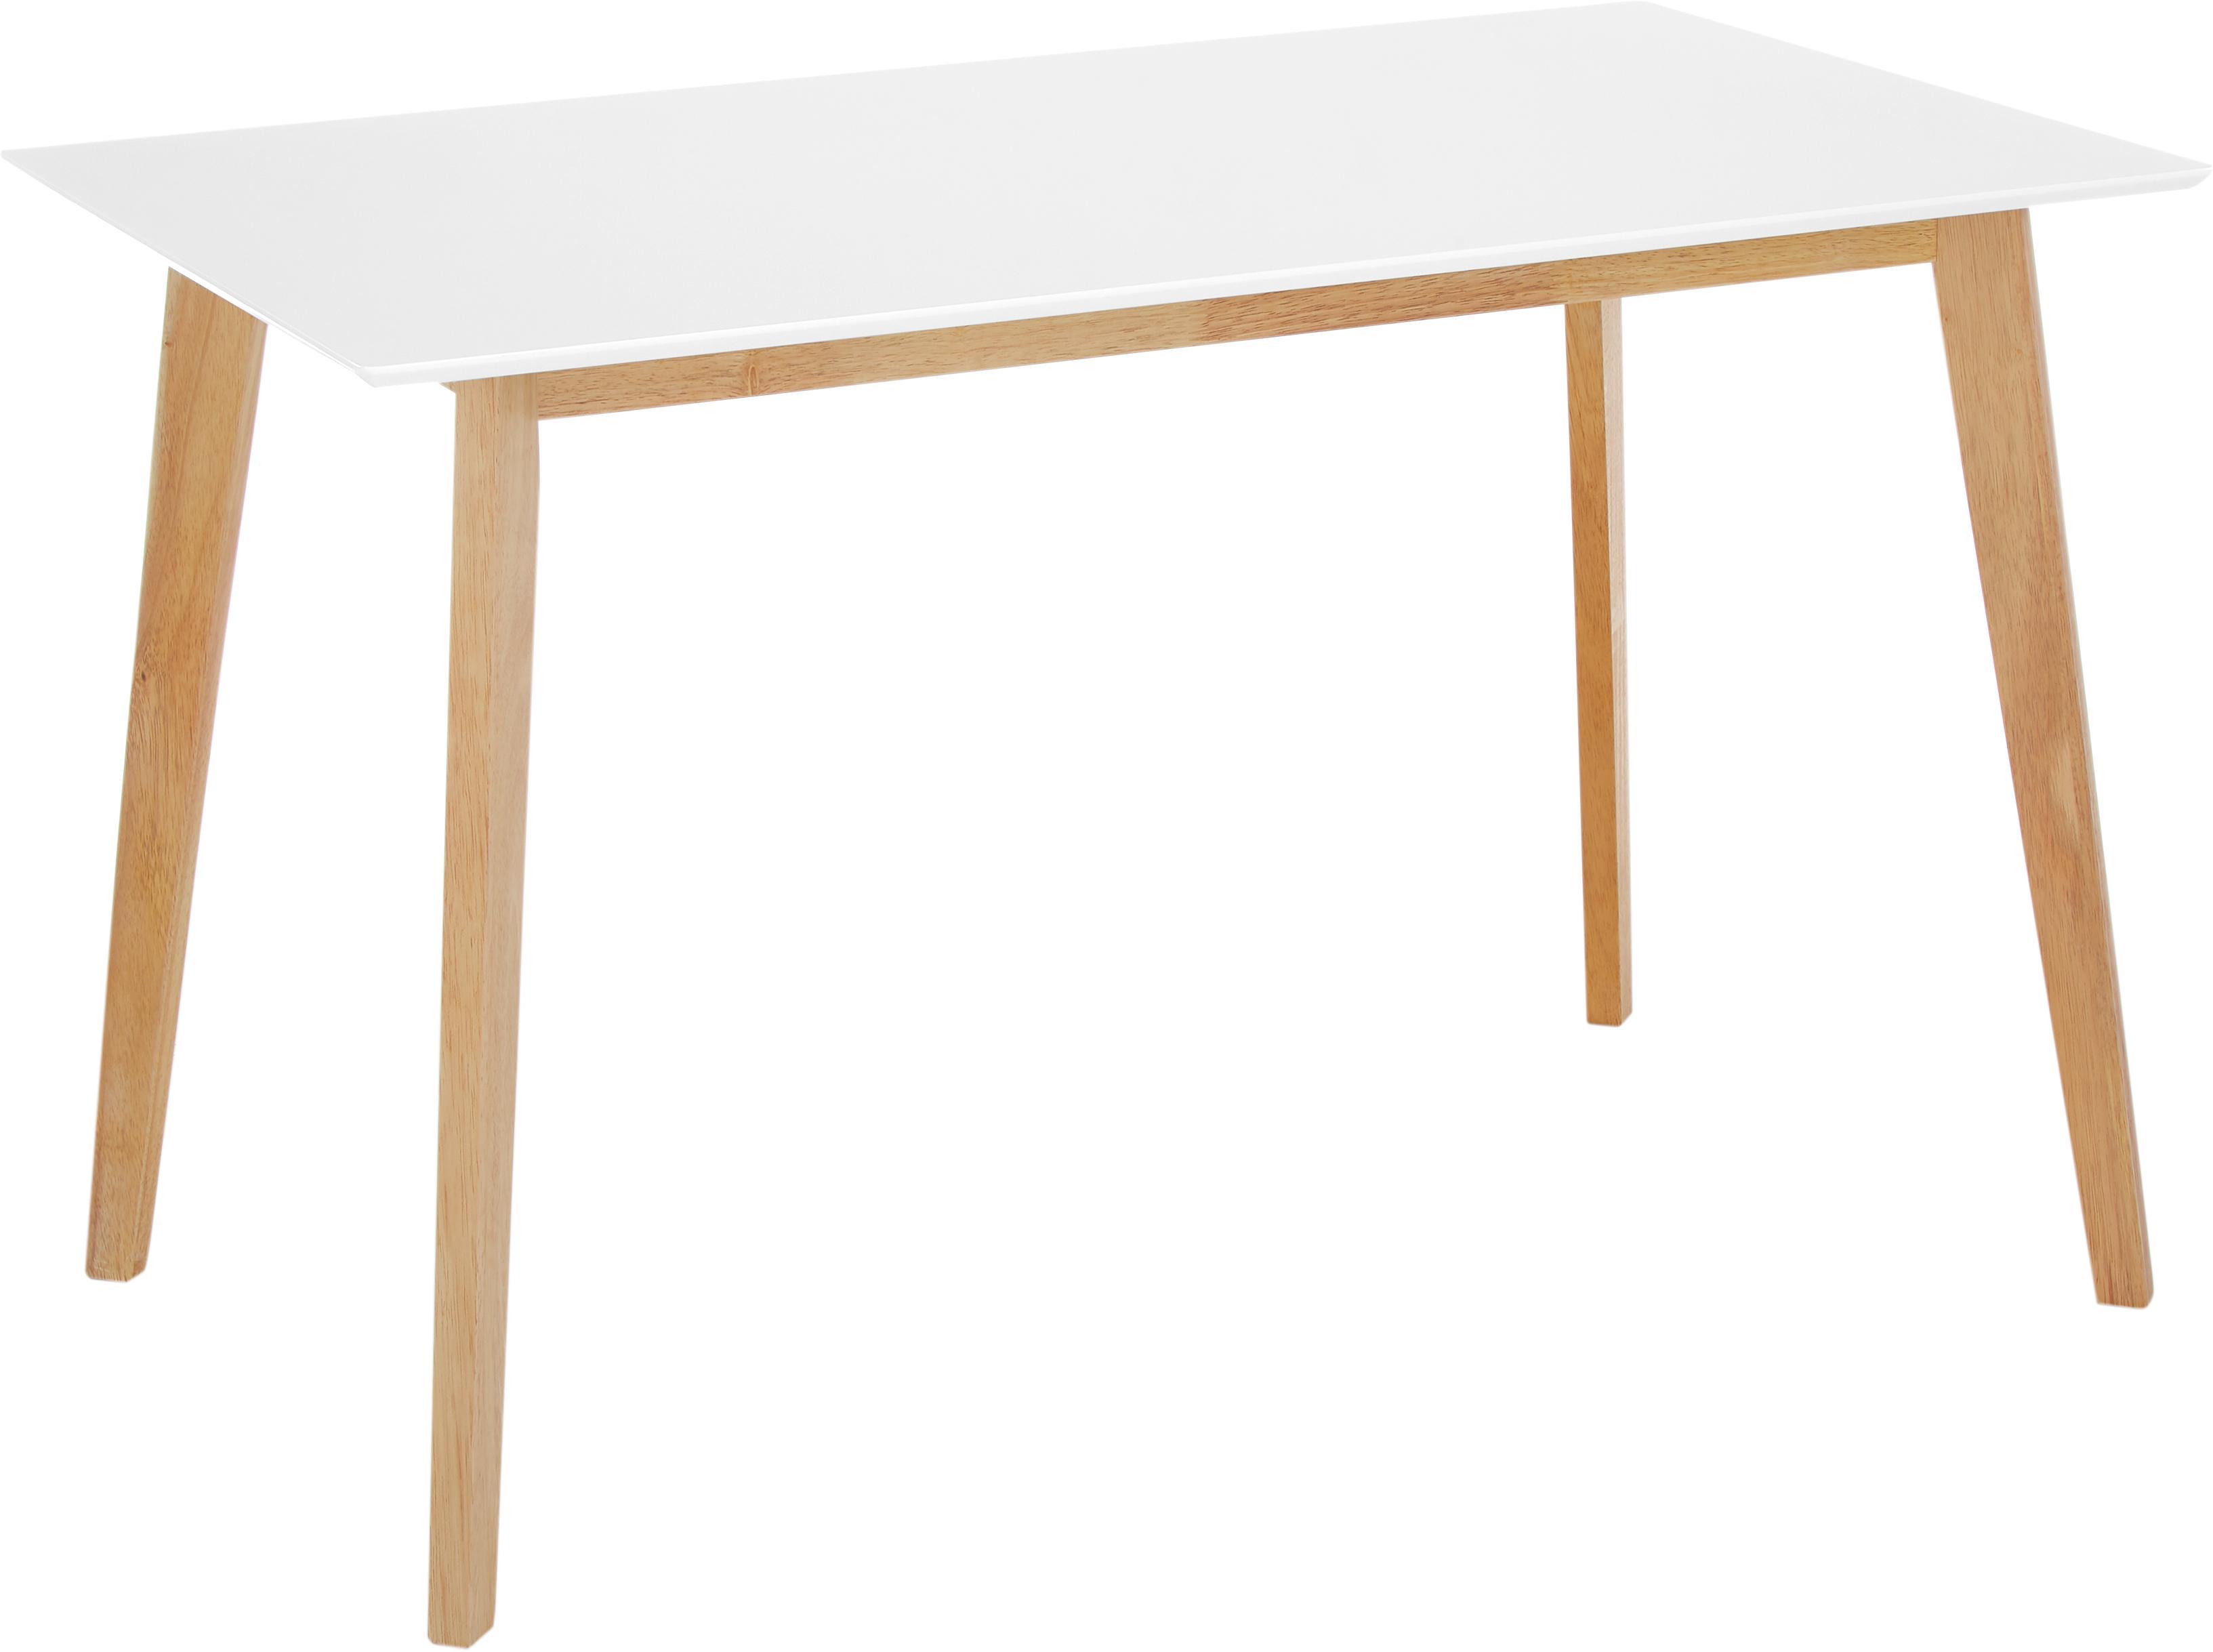 Esstisch Vojens mit weisser Tischplatte, Tischplatte: Mitteldichte Holzfaserpla, Beine: Gummibaumholz, Weiss, Braun, B 120 x T 70 cm